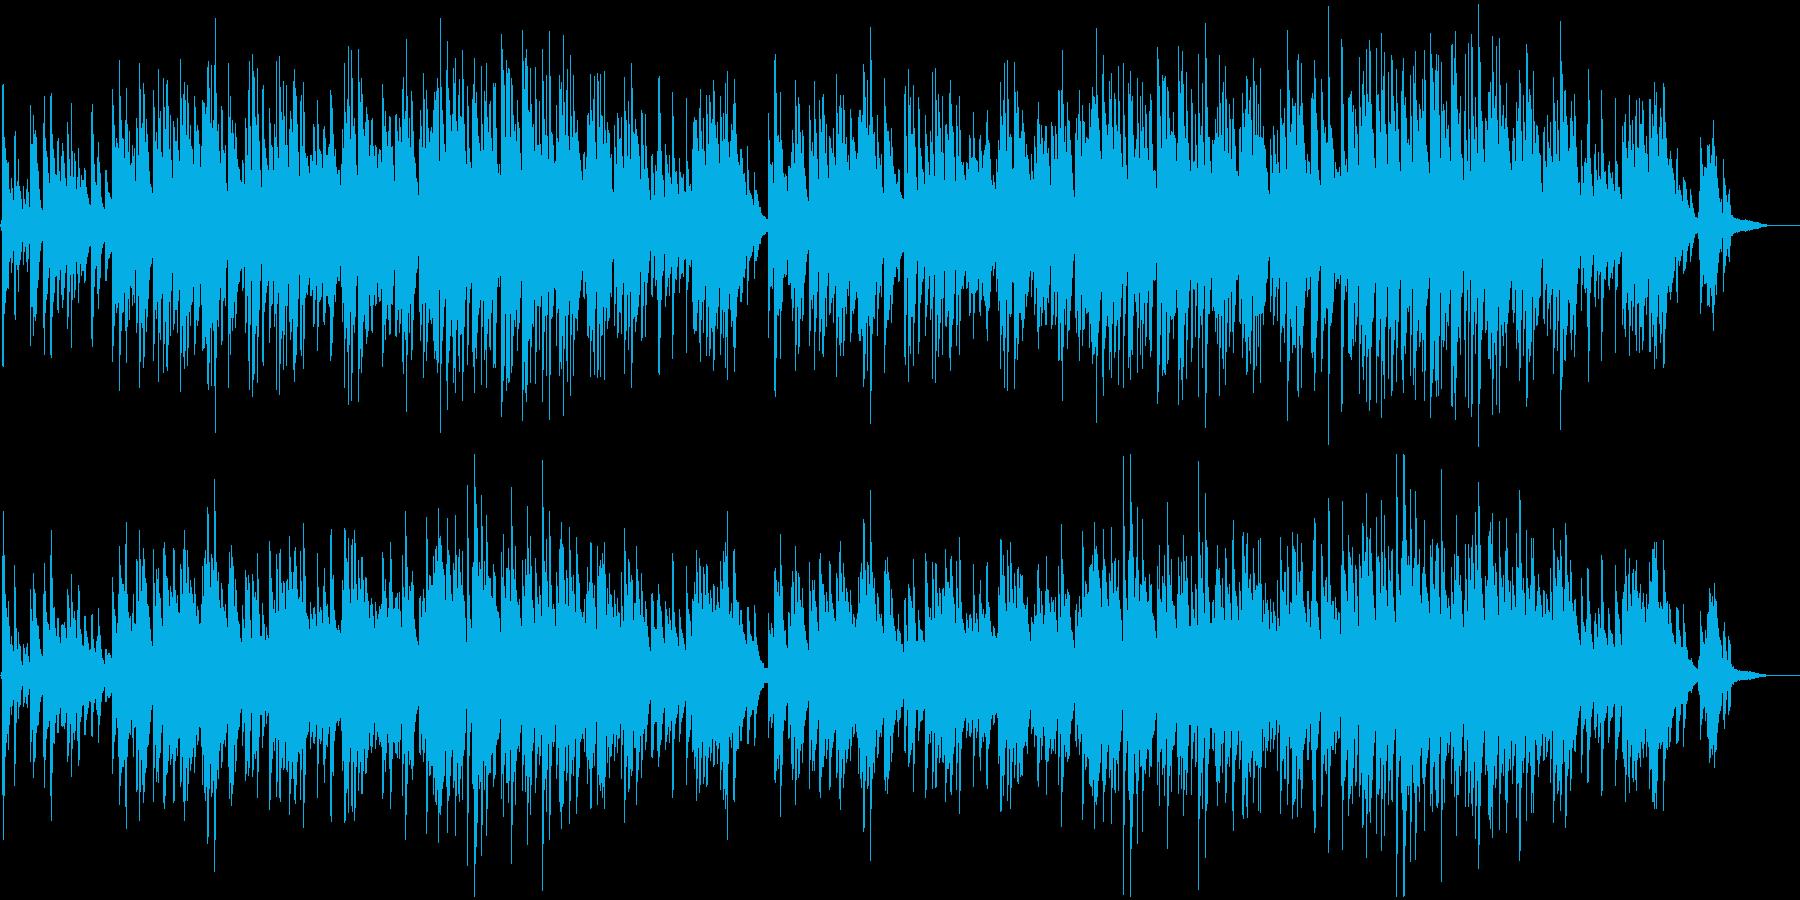 青春のイメージでJpopのようなピアノの再生済みの波形